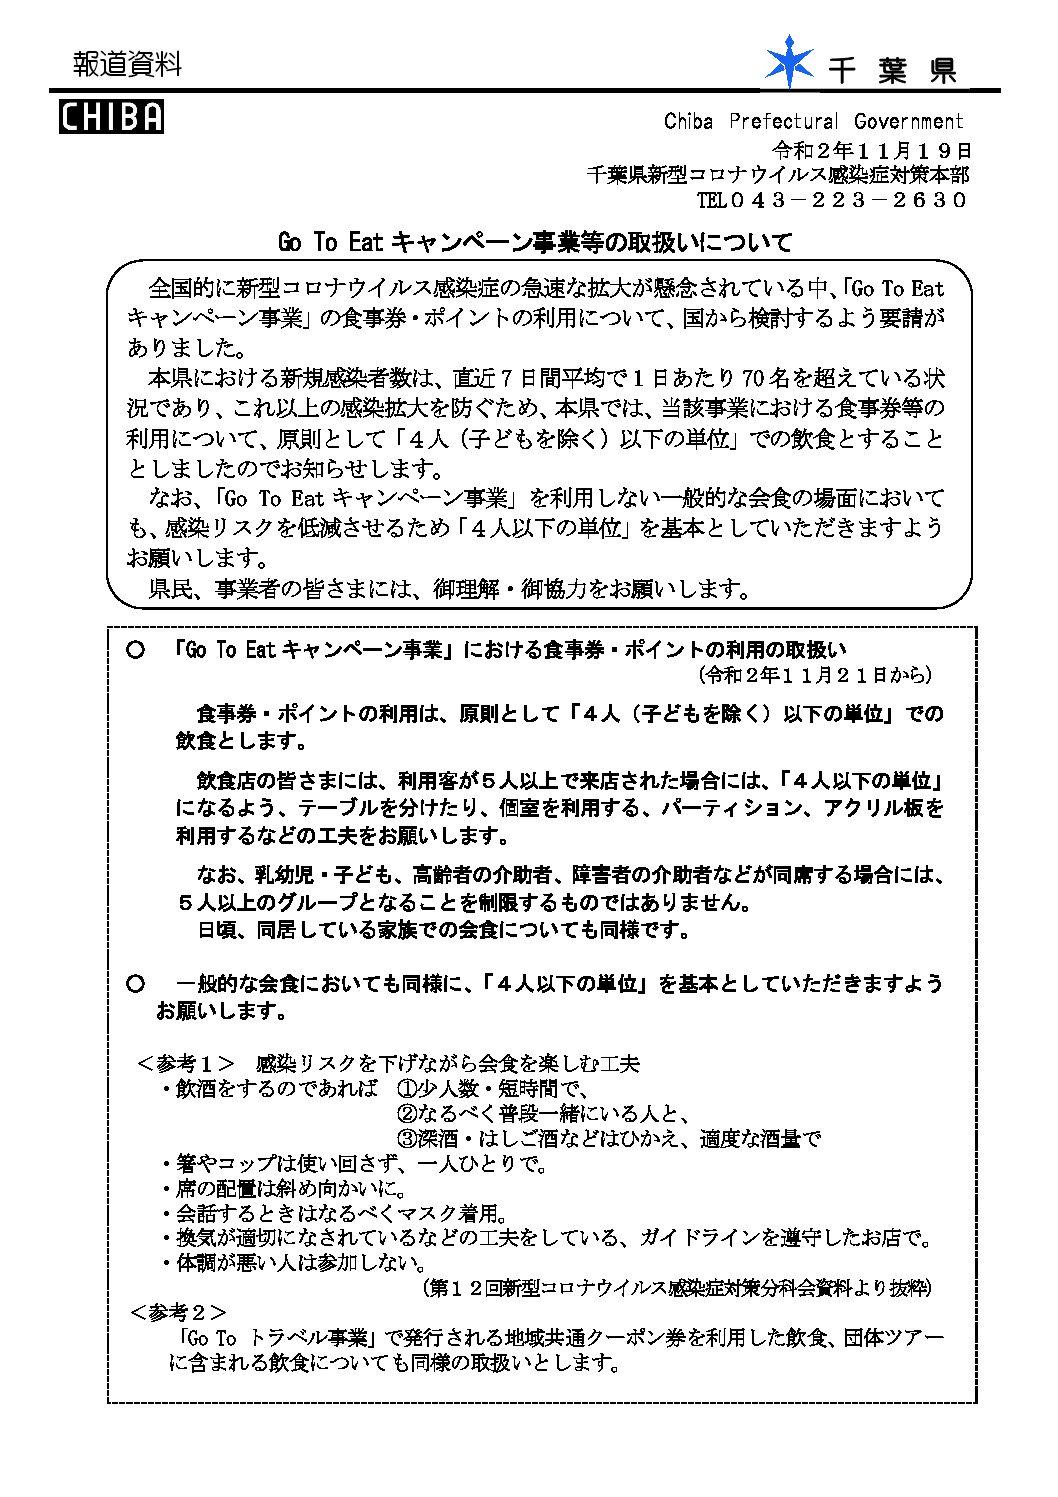 千葉県より Go To Eat キャンペーン事業等の取扱いについて